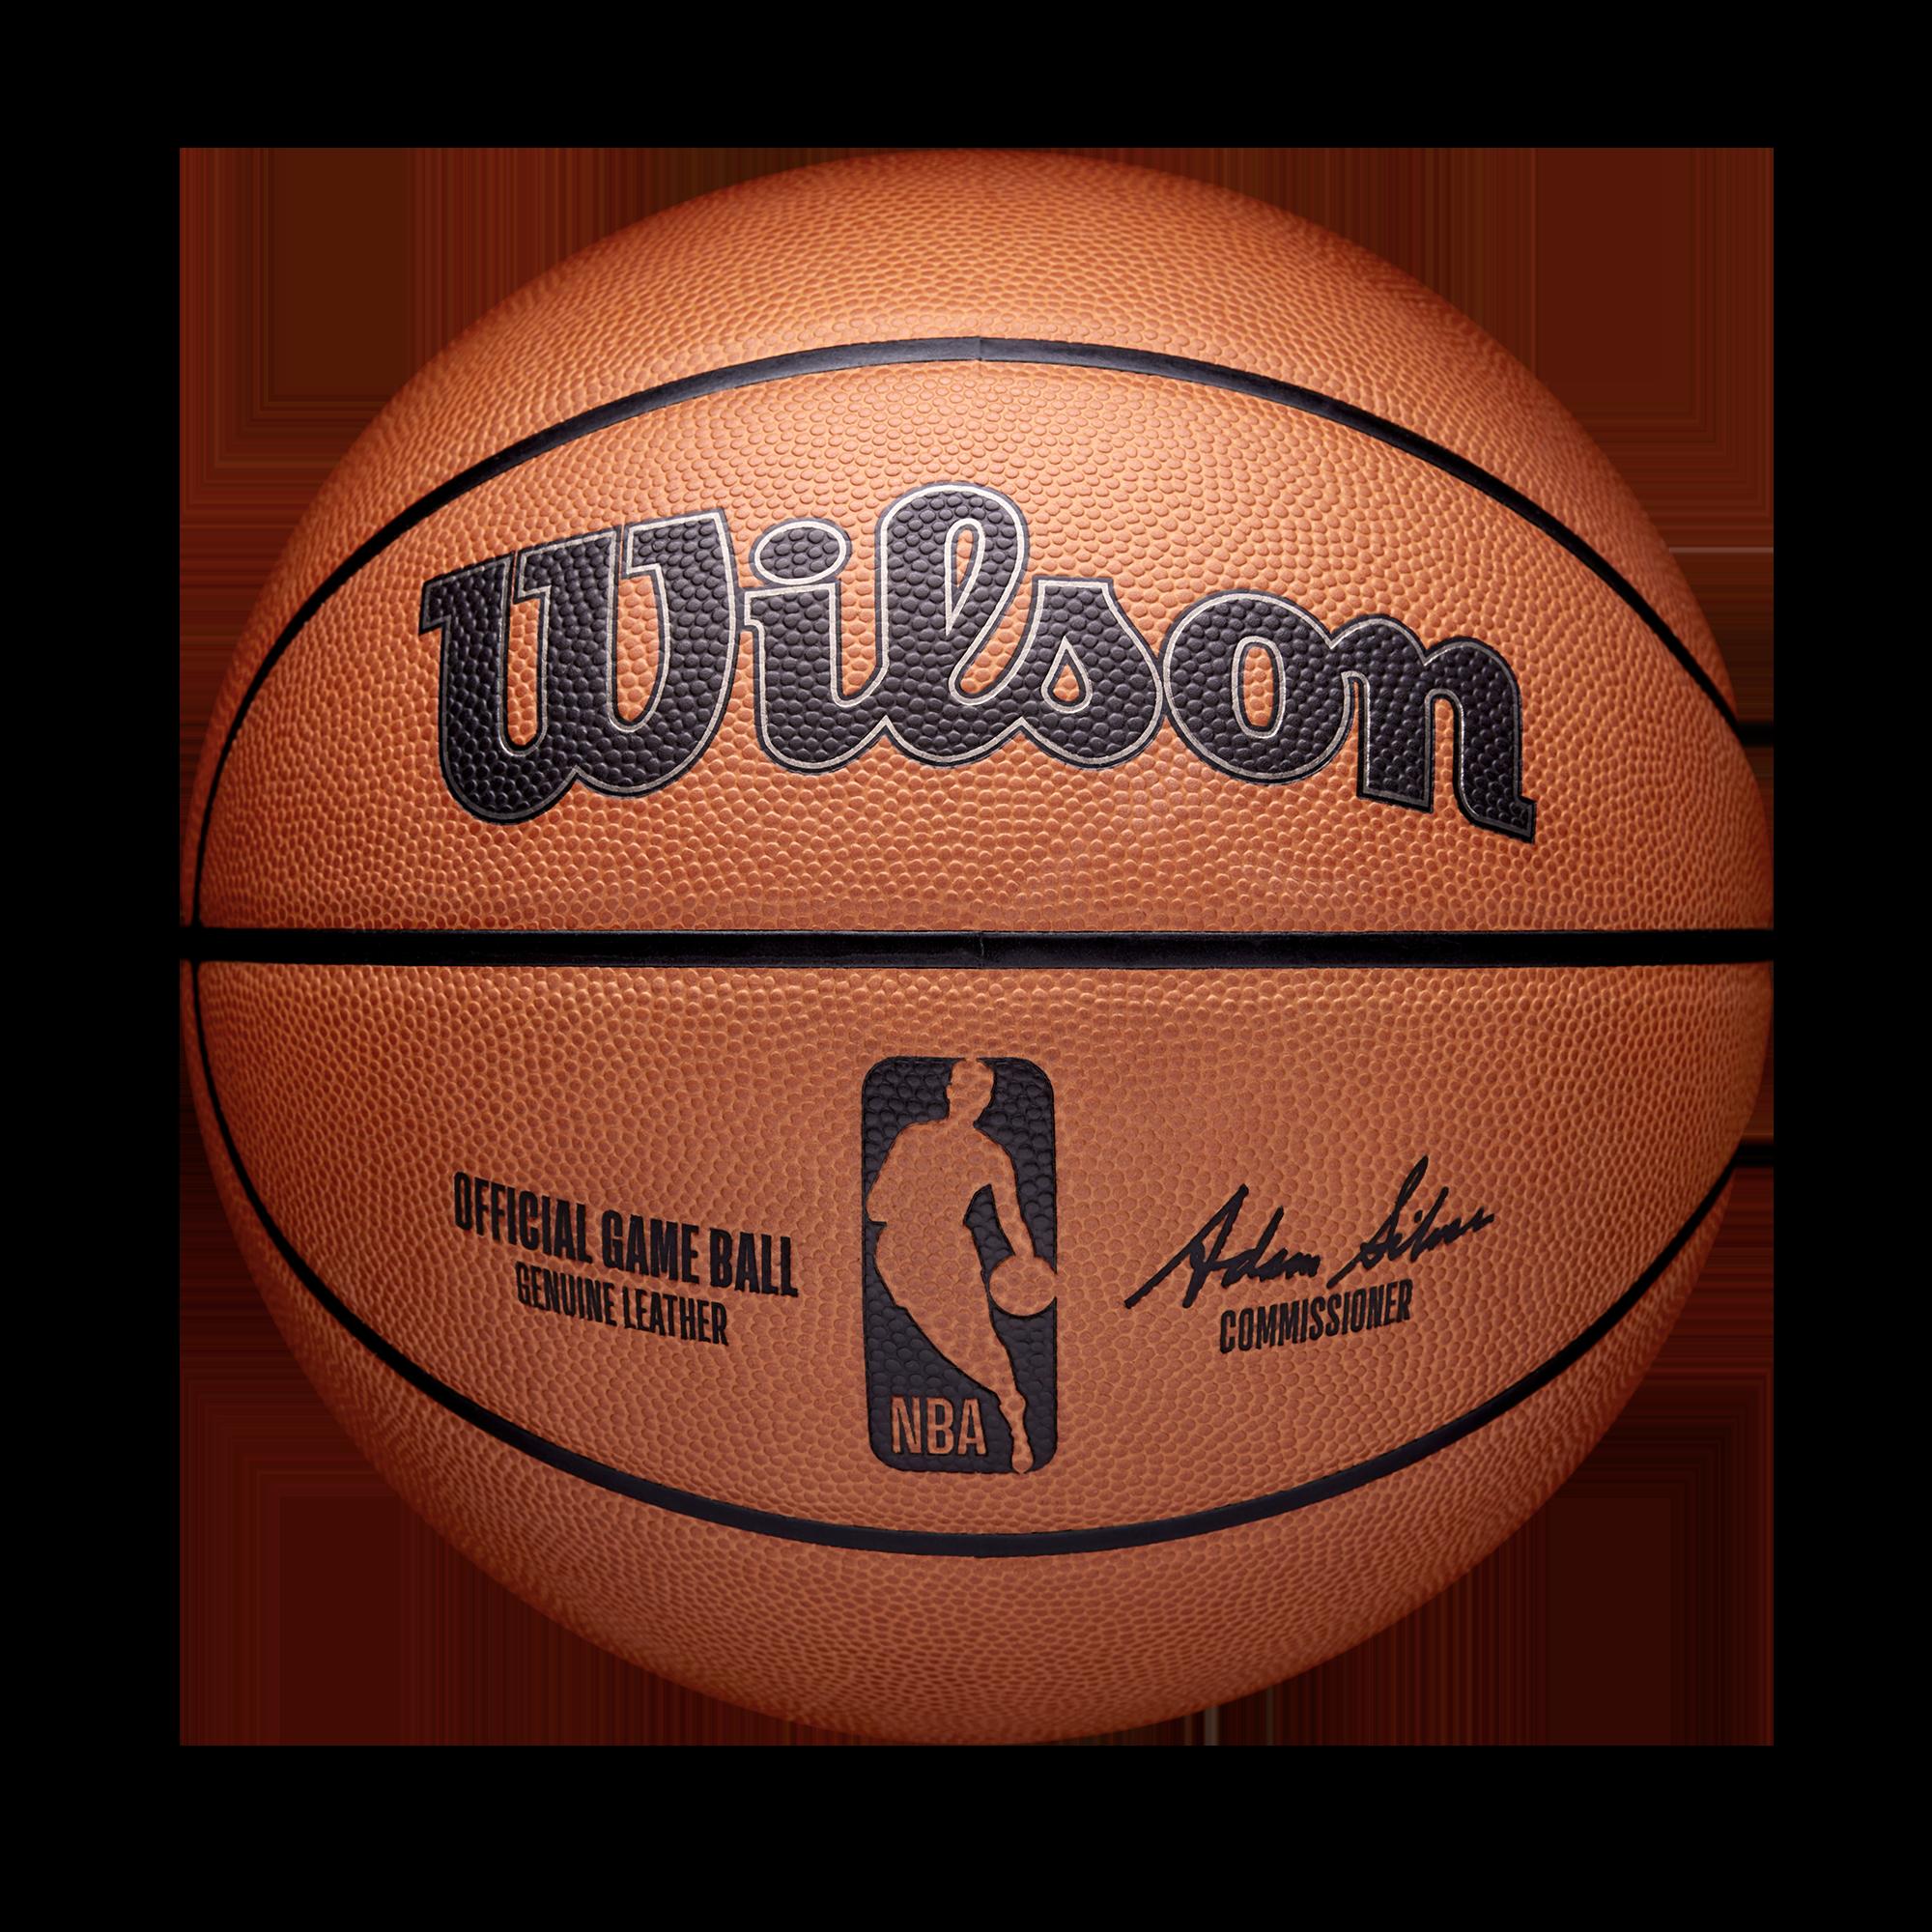 Wilson presenta el Balón Oficial que Debutará en la Temporada 2021-22 de la NBA